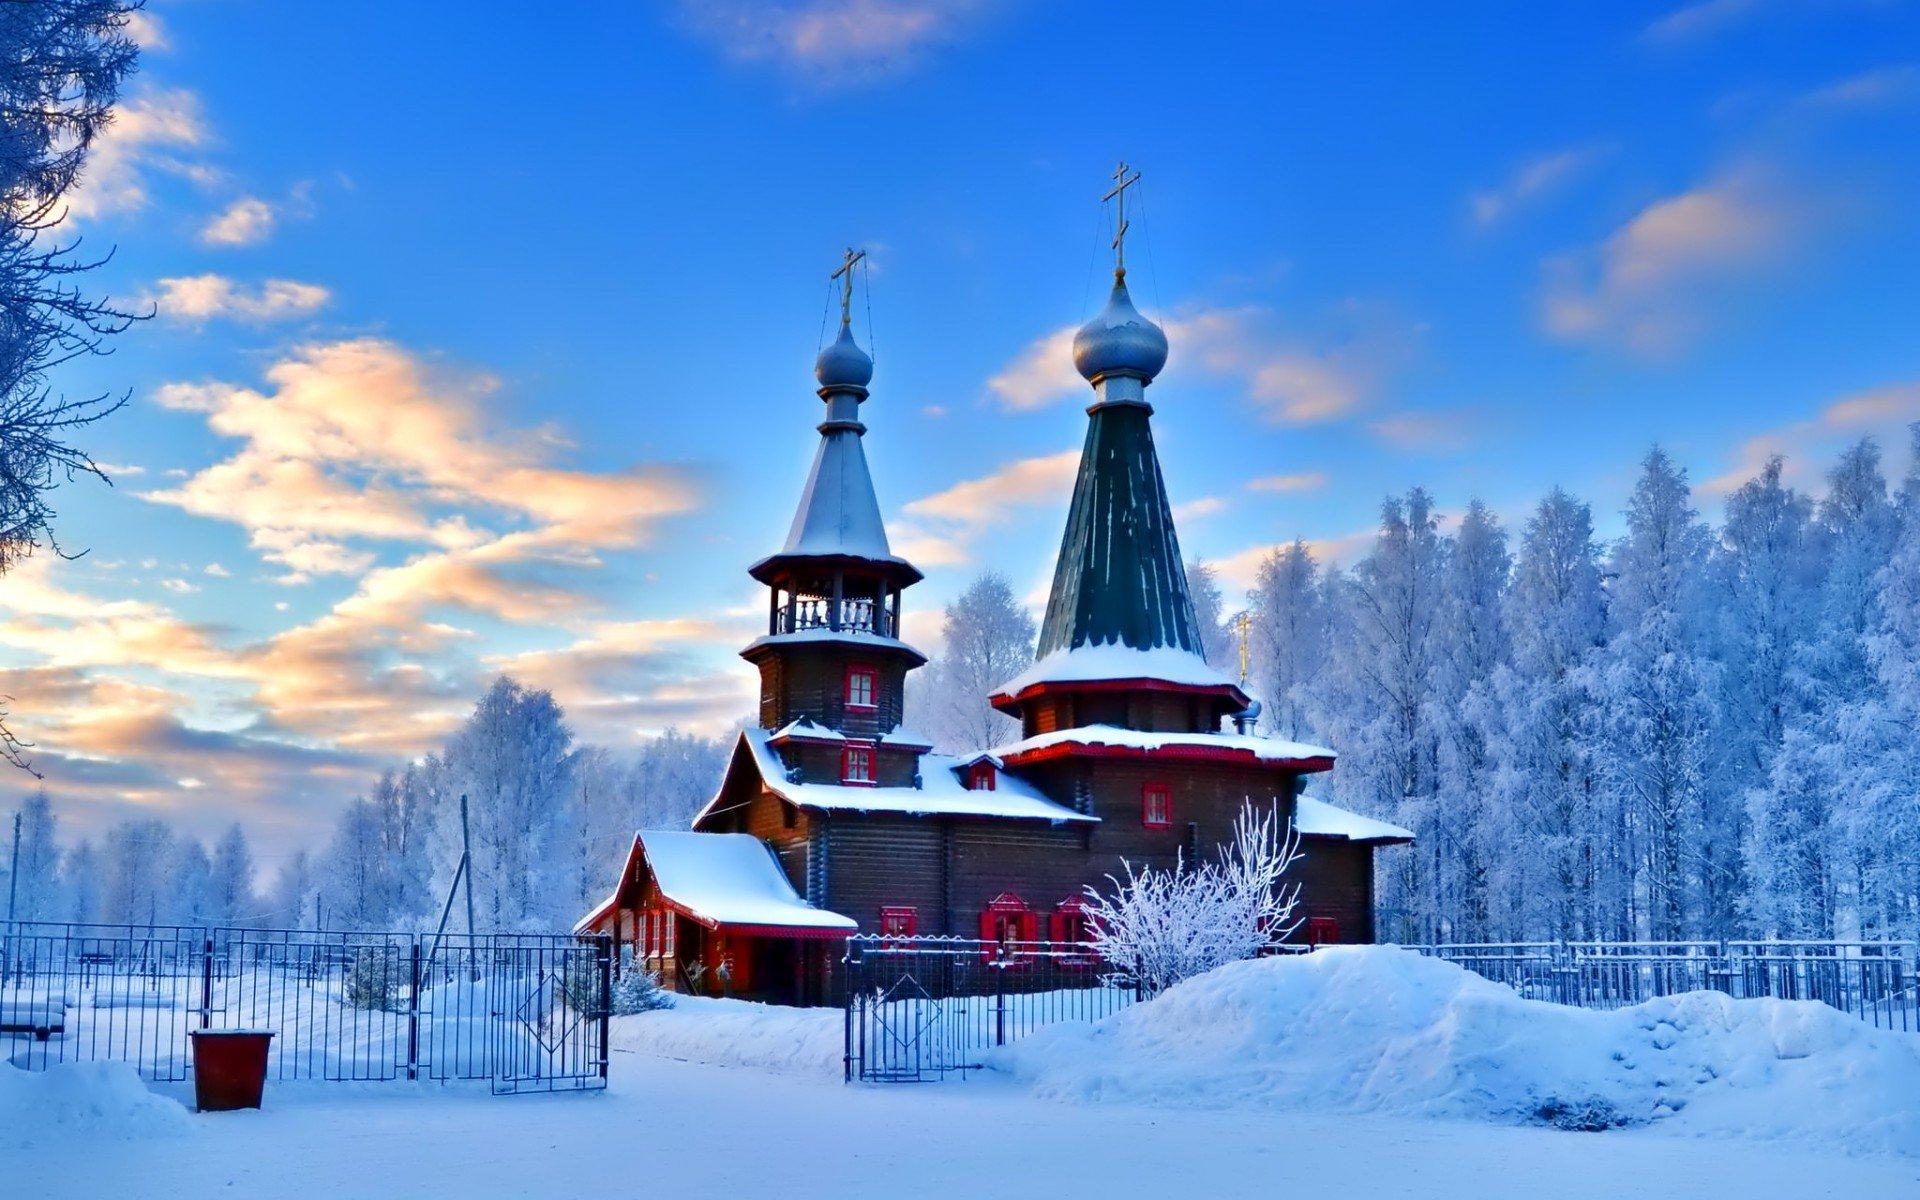 Russian Church In Winter Fondo De Pantalla Hd Fondo De